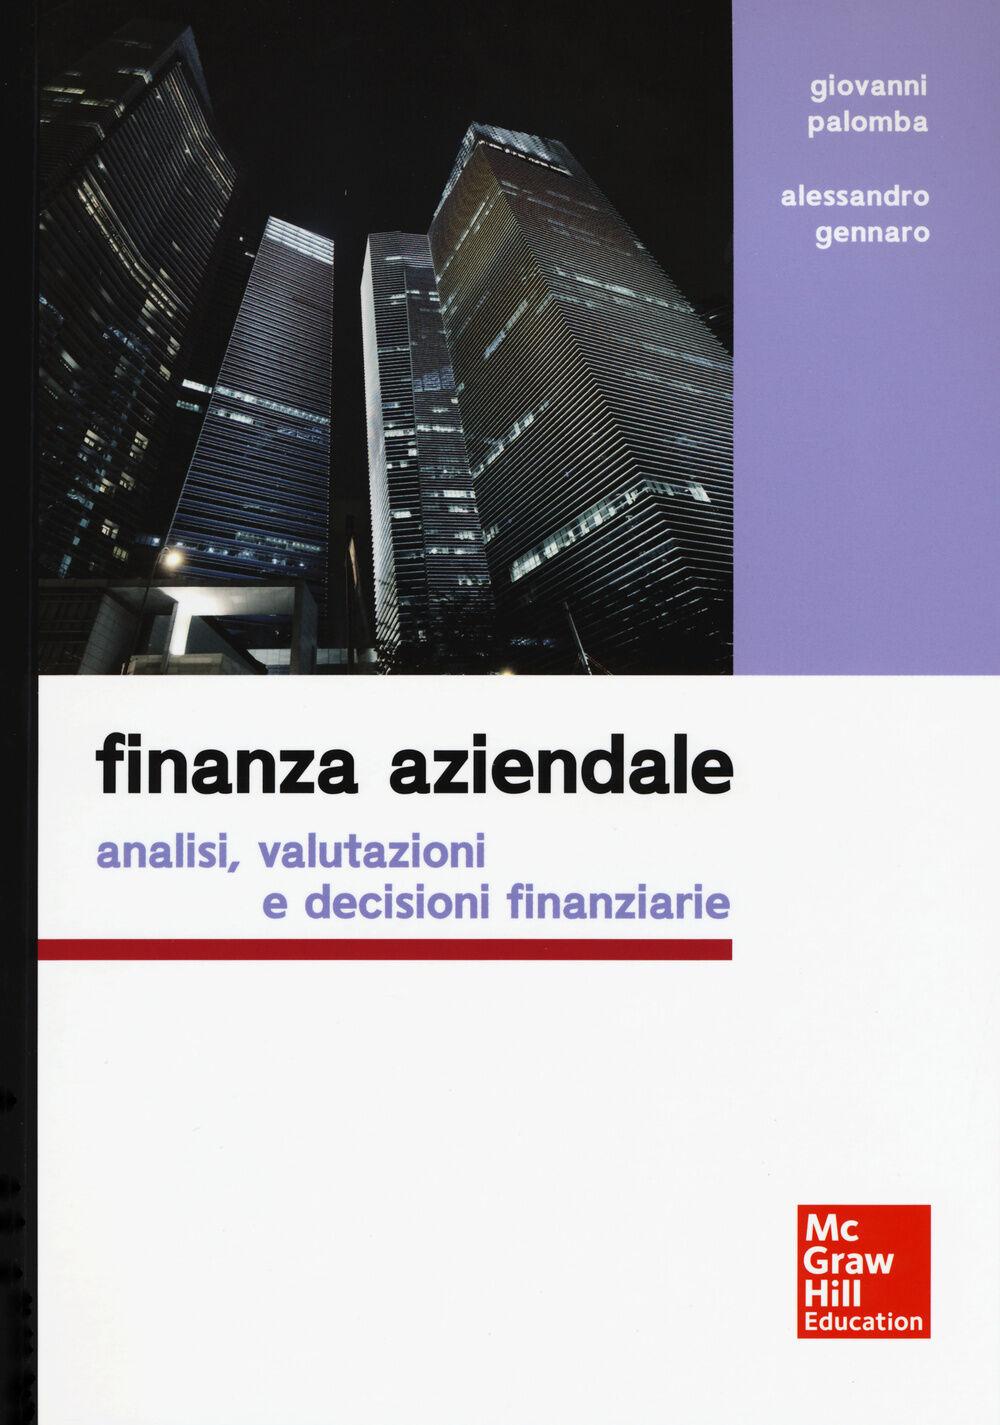 Finanza aziendale. Analisi, valutazioni e decisioni finanziarie